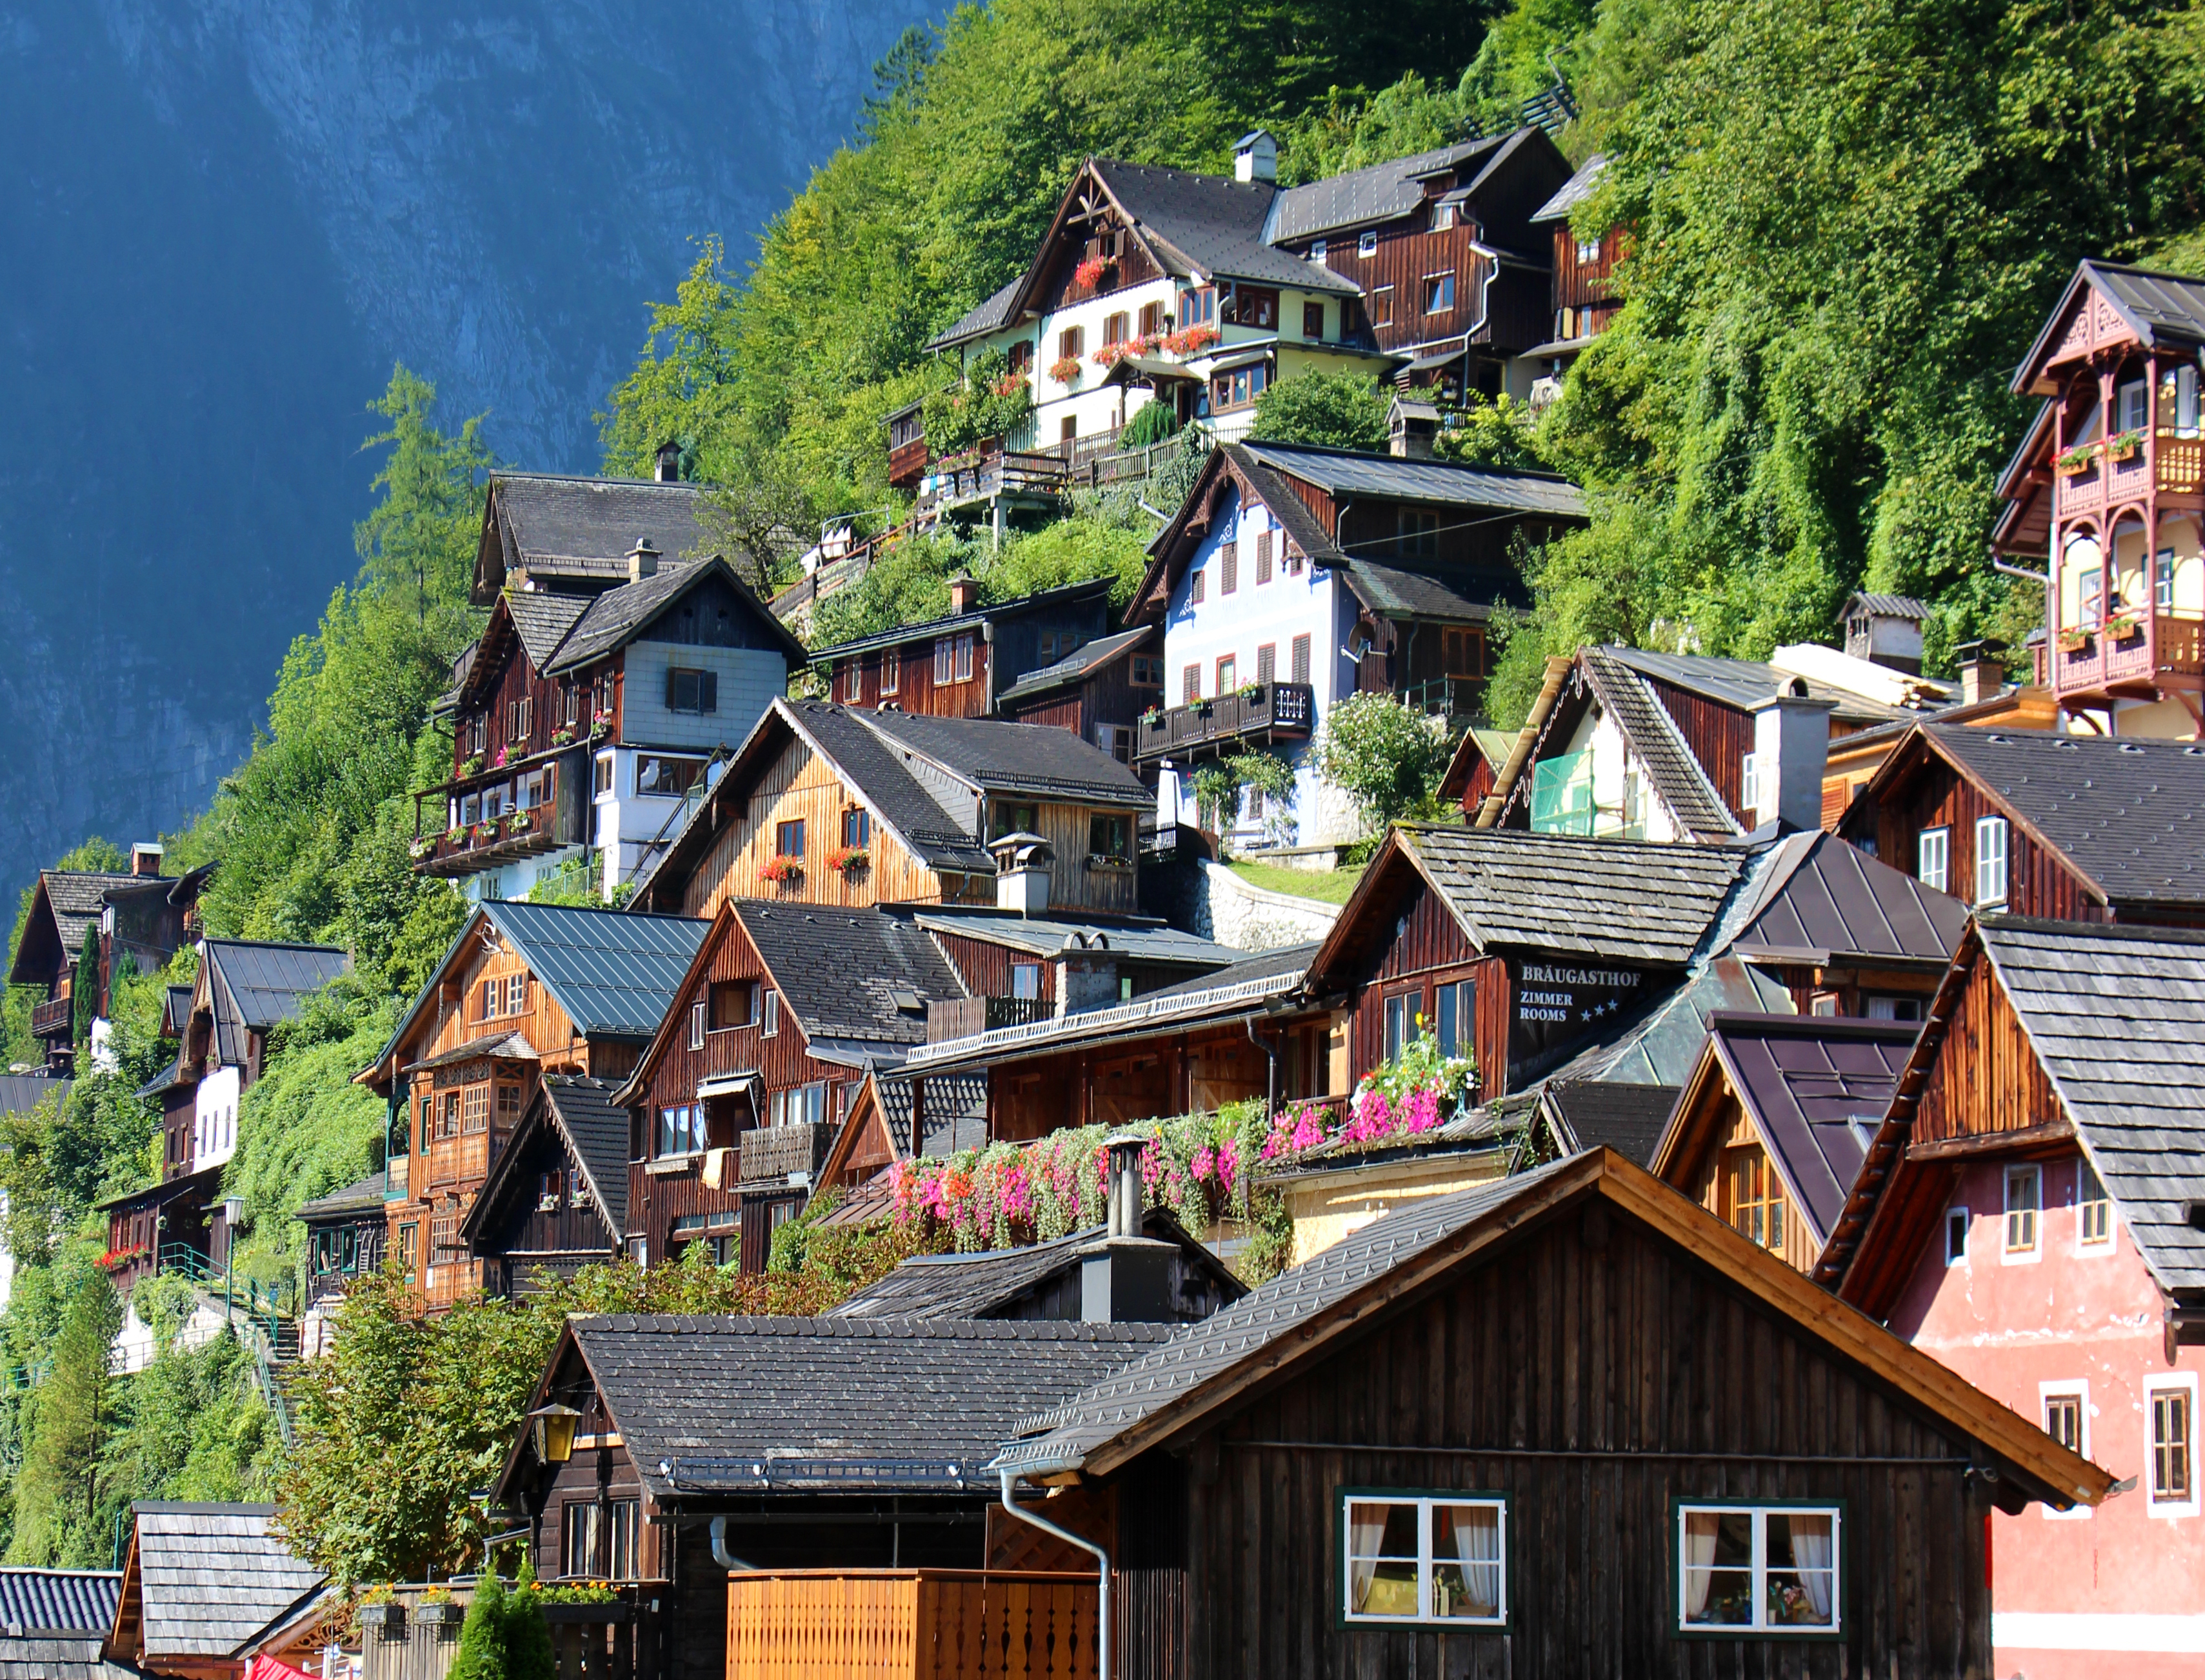 Die wunderschönen Häuser prägen das Stadtbild